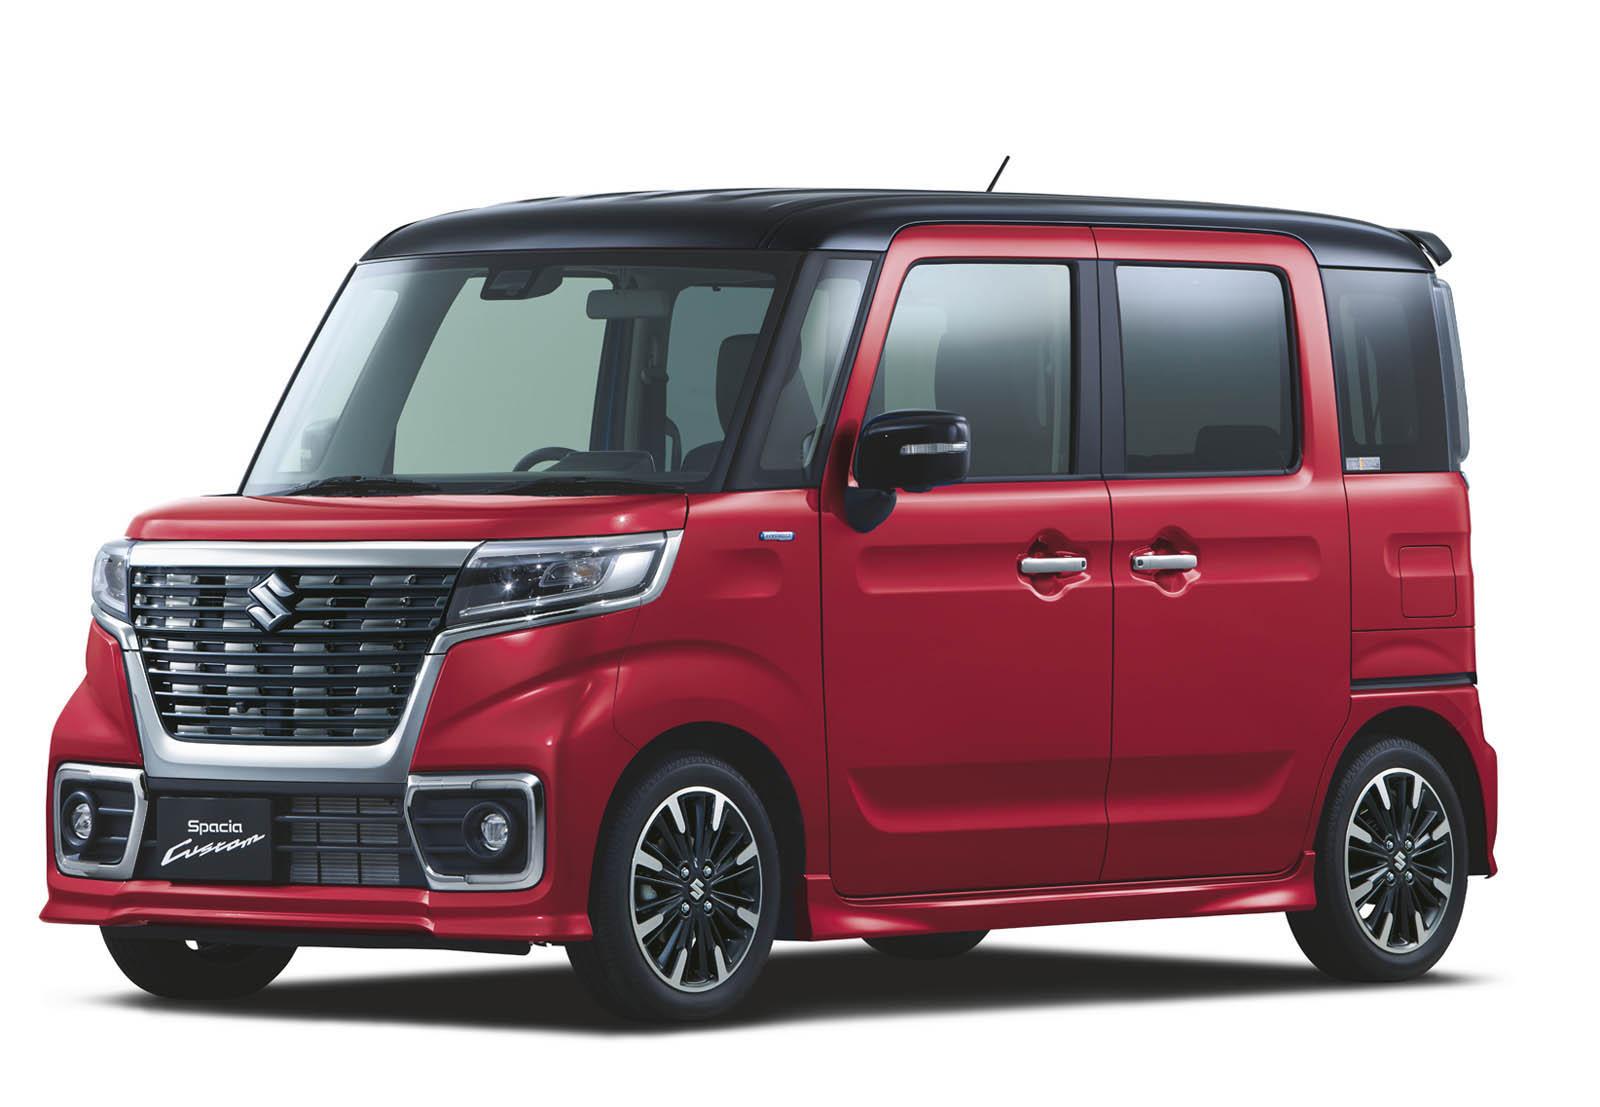 Suzuki Spacia 2018 (25)